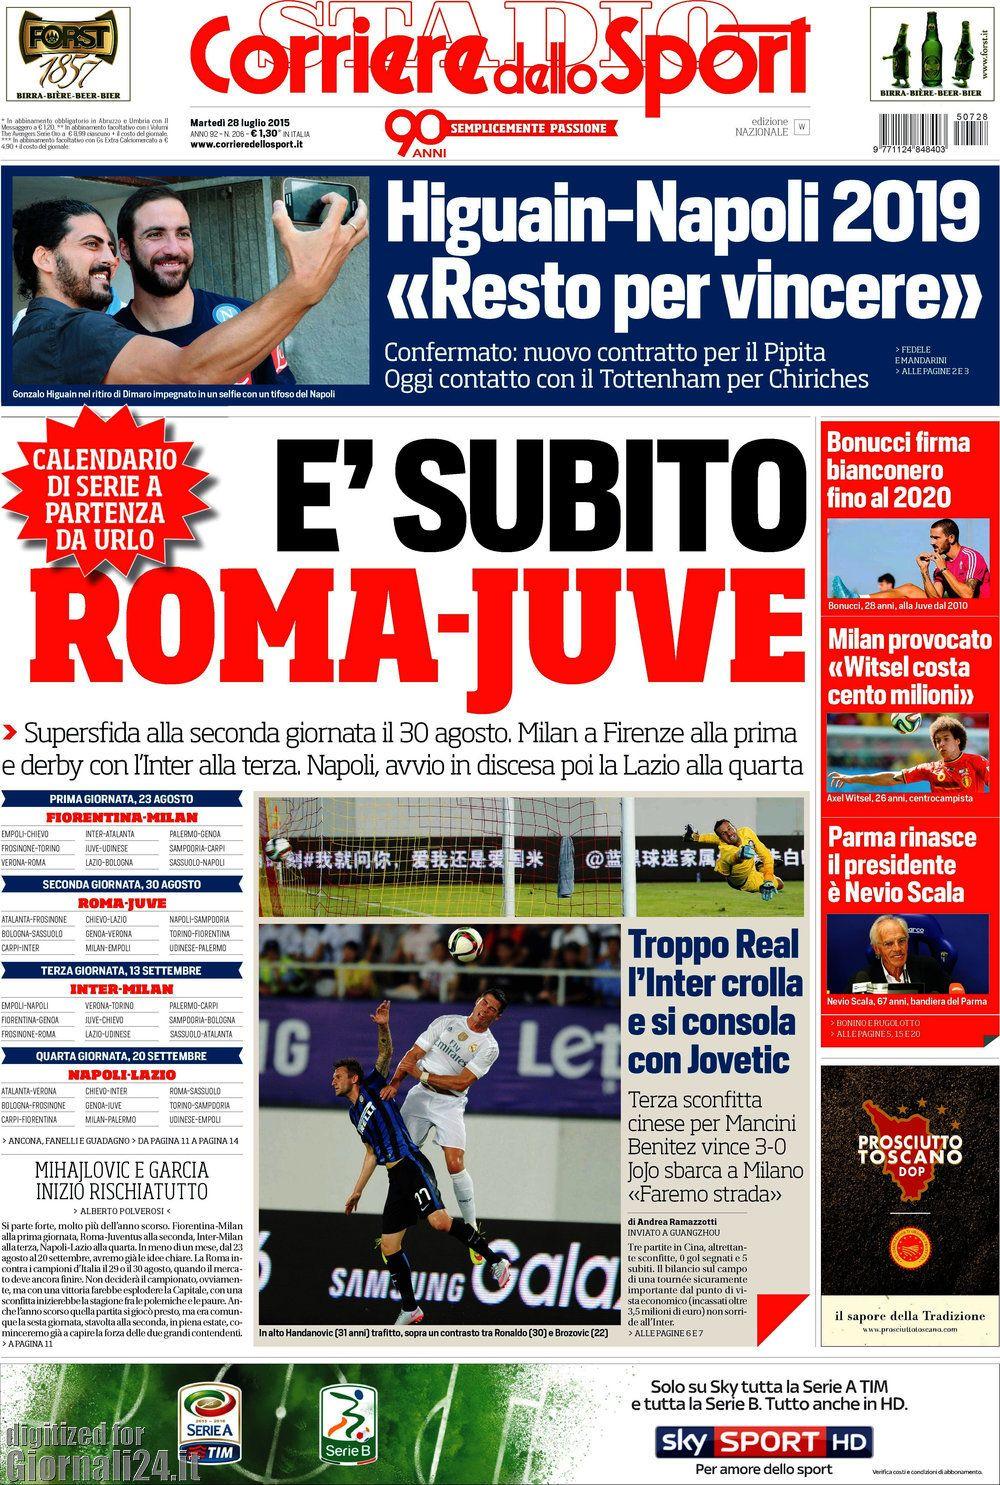 Corriere dello Sport 28-07-2015